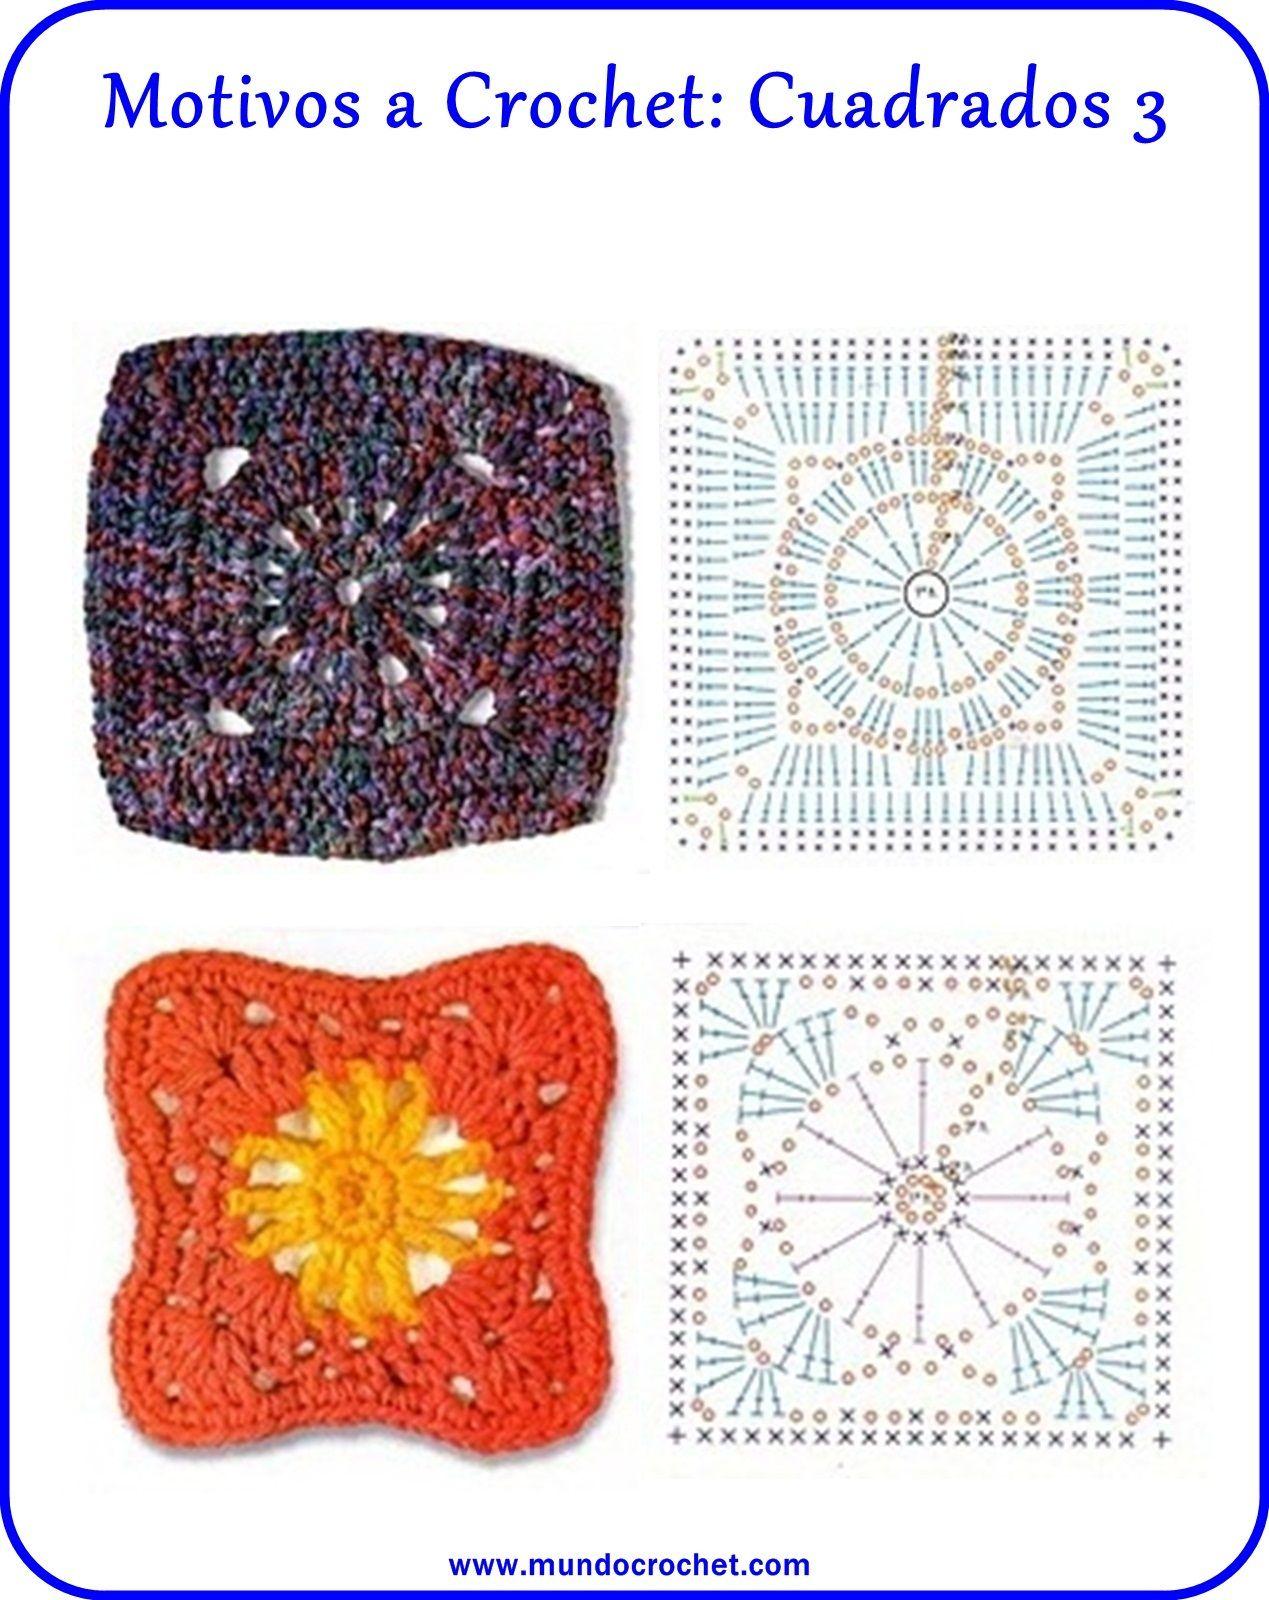 motivos cuadrados crochet | Crochet | Pinterest | Croché, Ganchillo ...